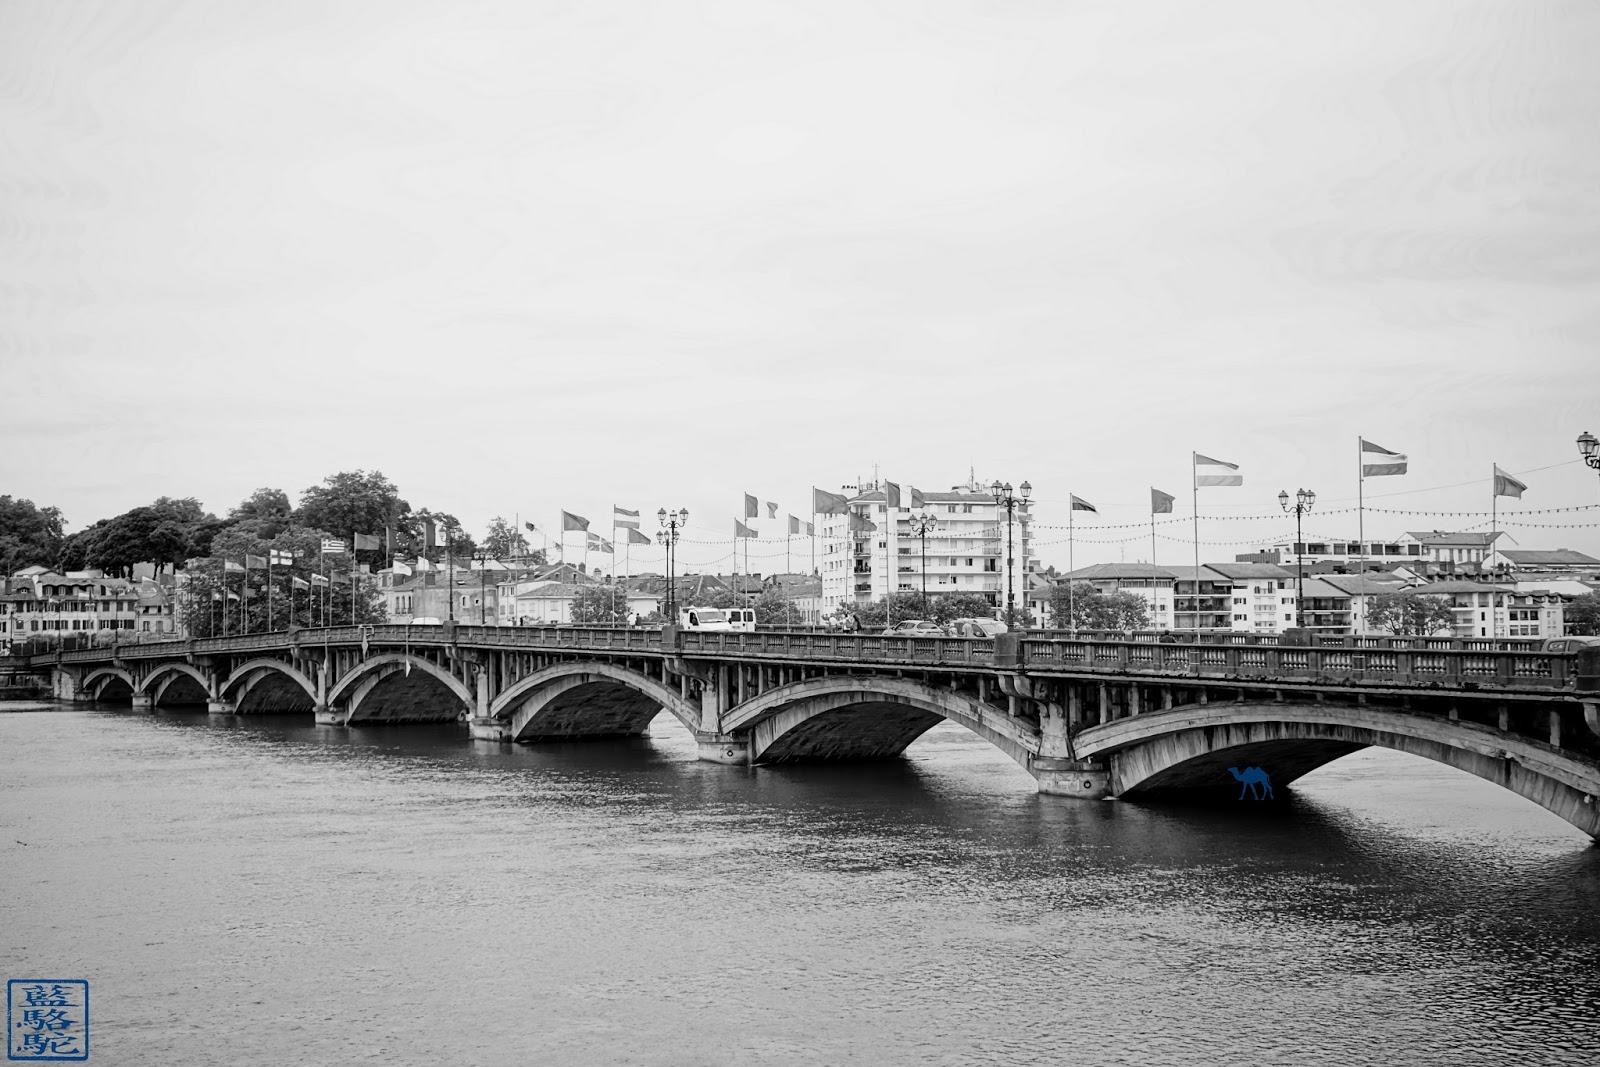 Le Chameau Bleu - Blog Voyage Bayonne France - Pont Saint Esprit  de  Bayonne - Pays Basque